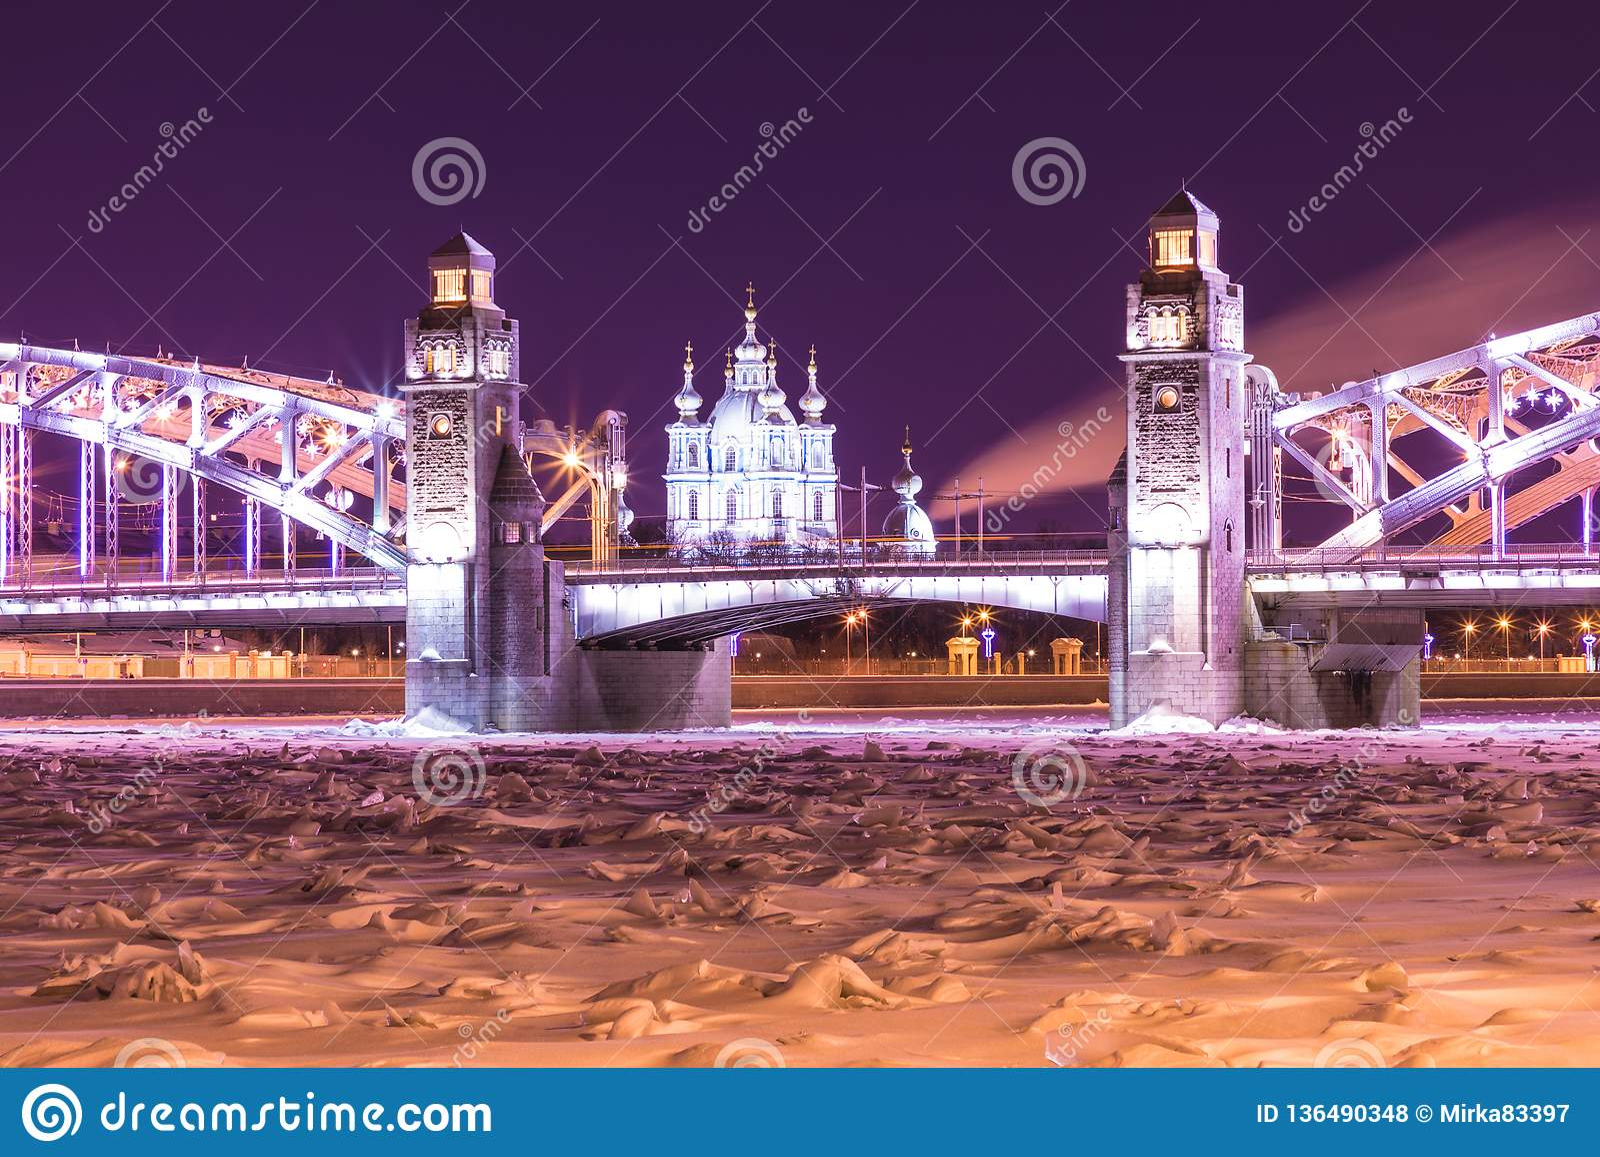 Opinión sobre el Bolsheokhtinsky o el Peter el gran puente a través de Neva River y catedral de Smolny en St Petersburg, Rusia